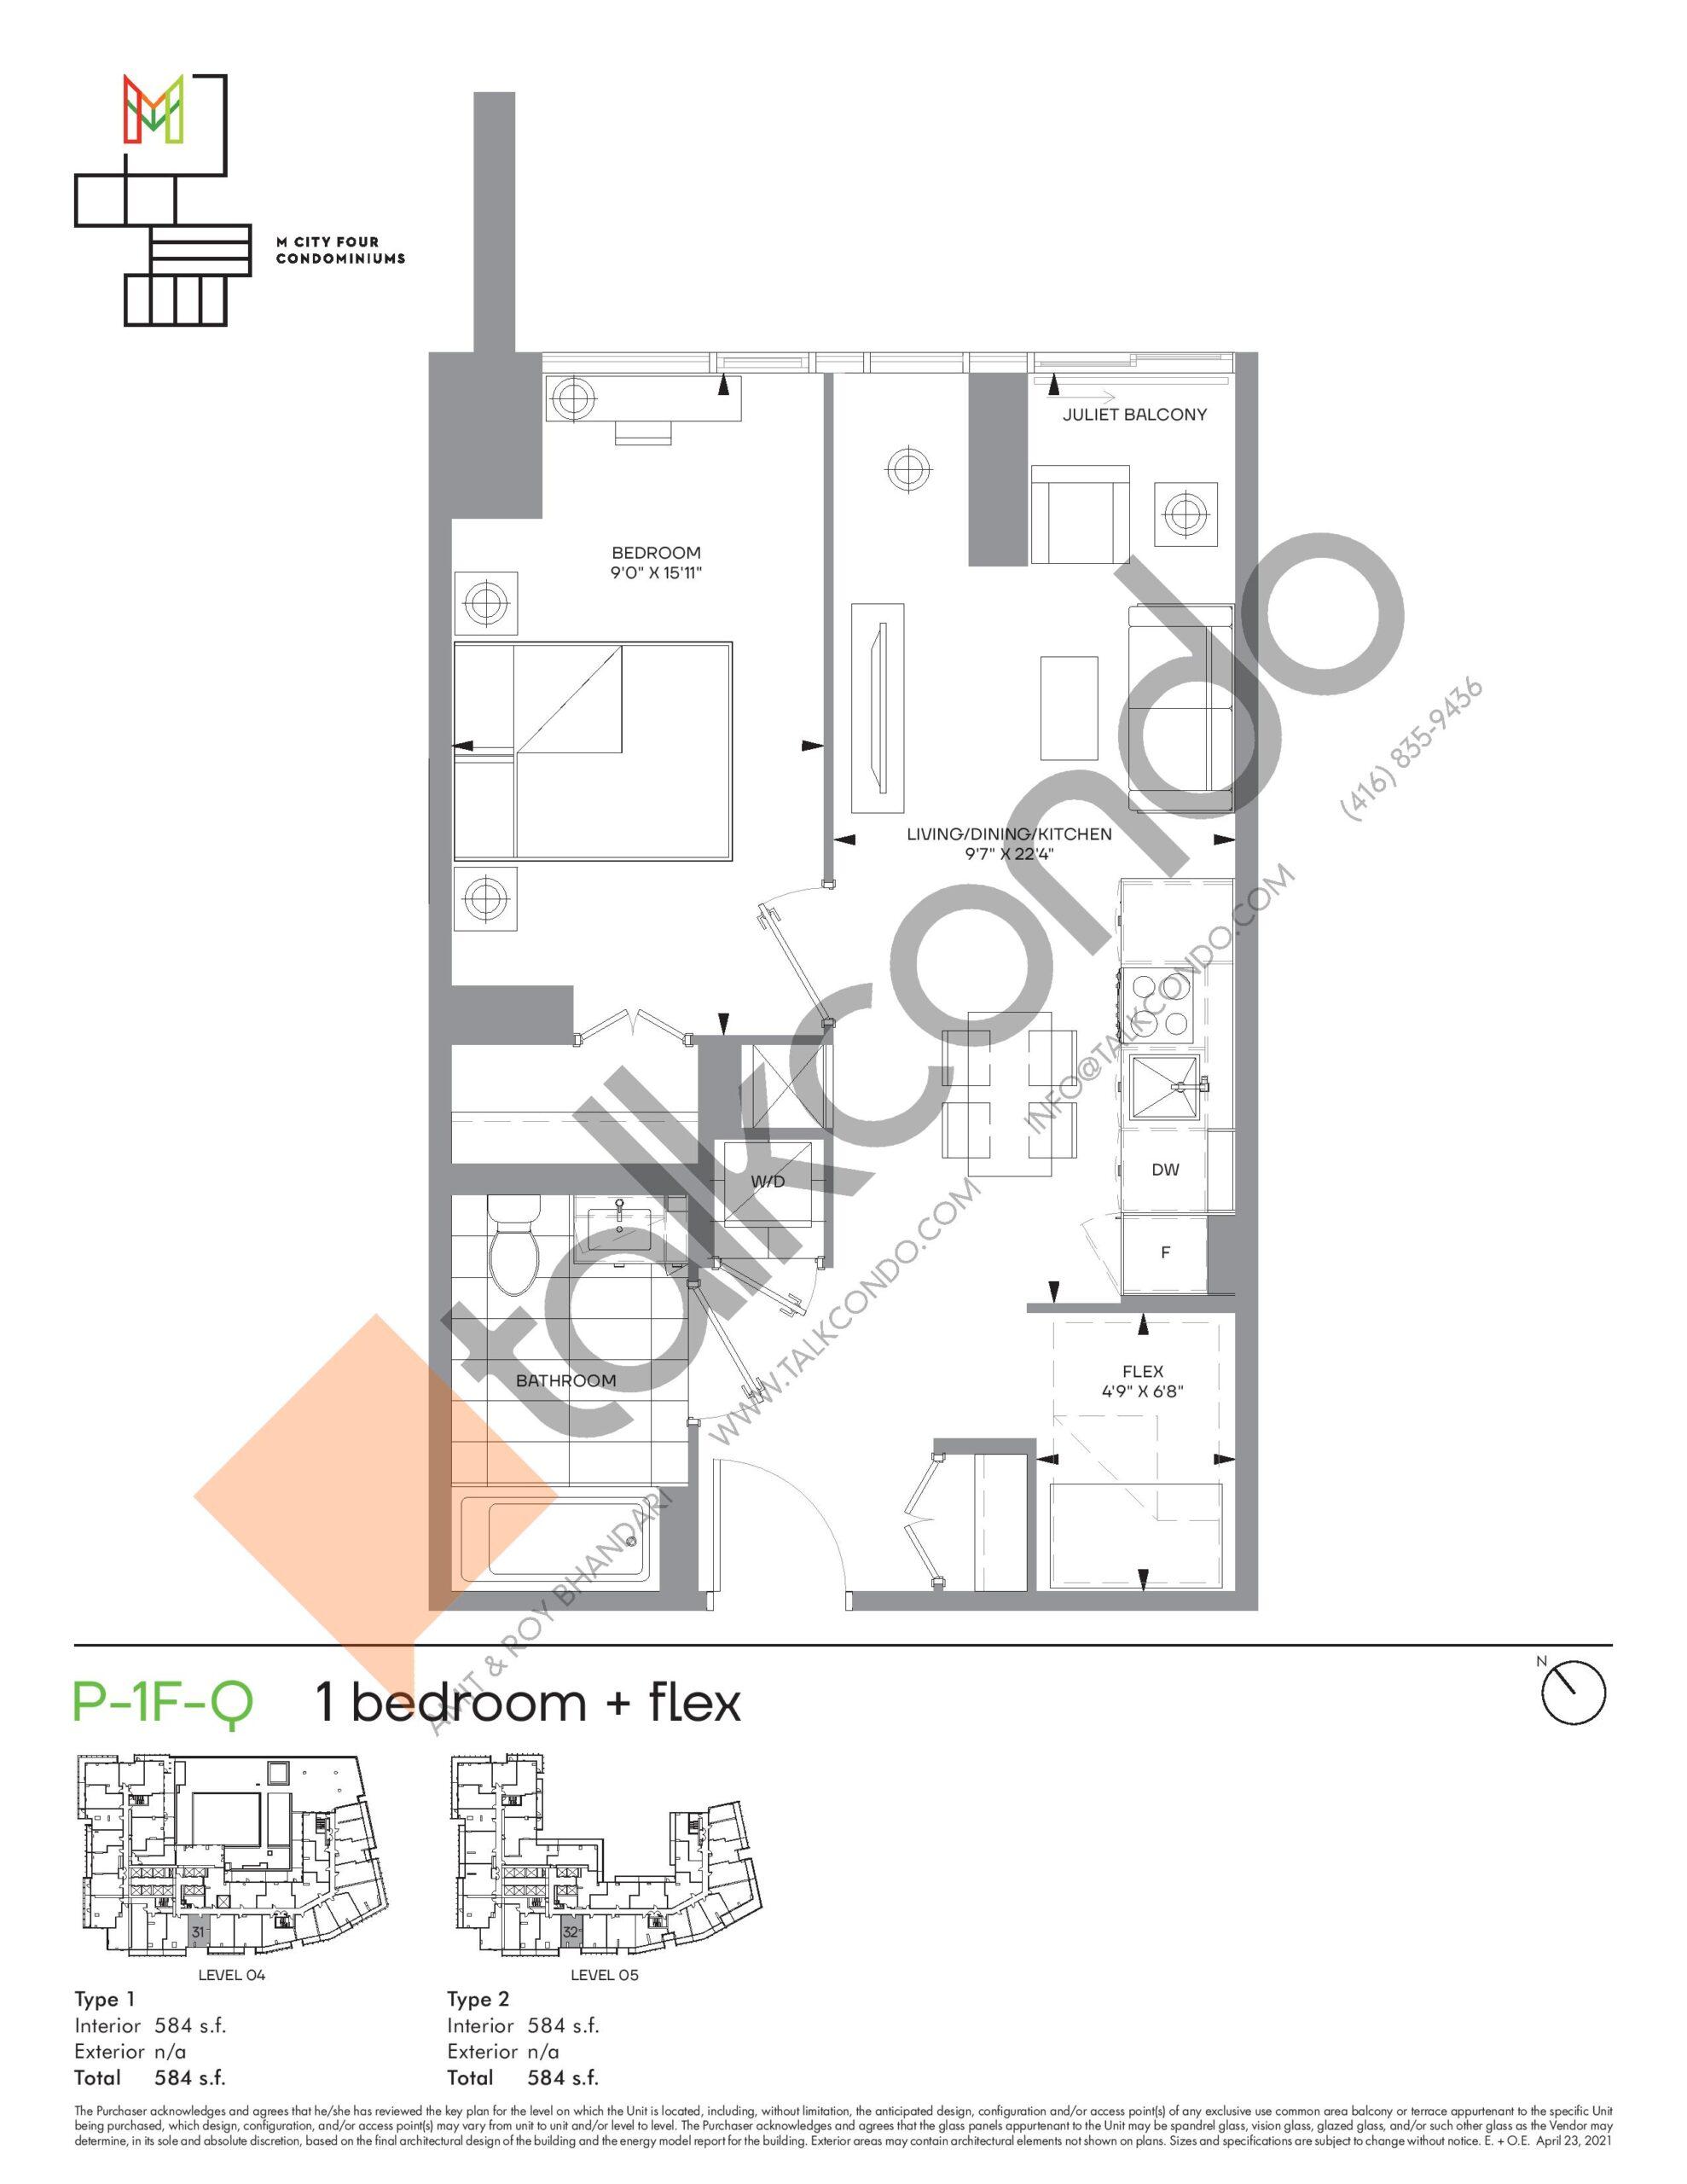 P-1F-Q (Podium) Floor Plan at M4 Condos - 584 sq.ft